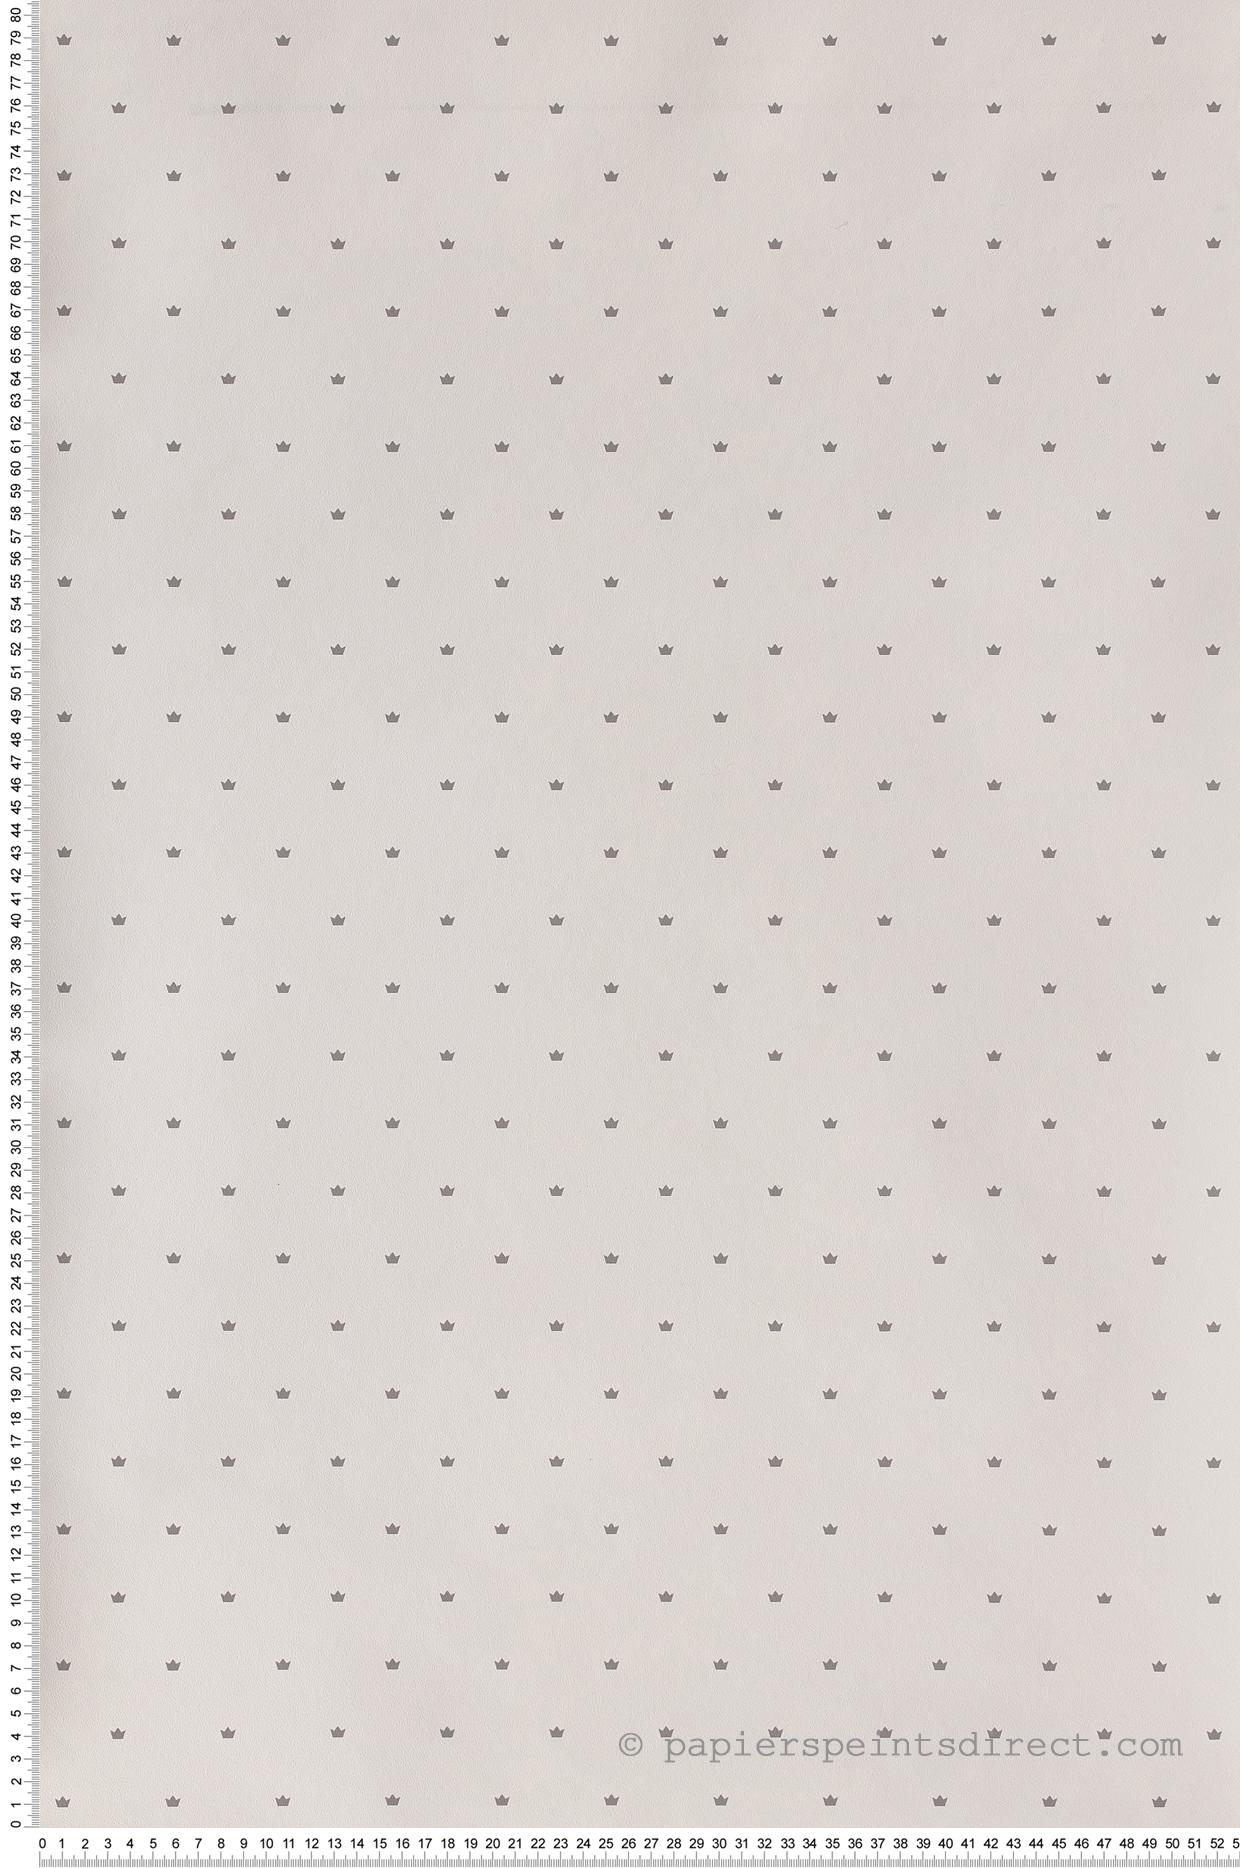 Papier Peint Couronne gris souris - Jacadi de Lutèce  | Réf. LTC-36171309